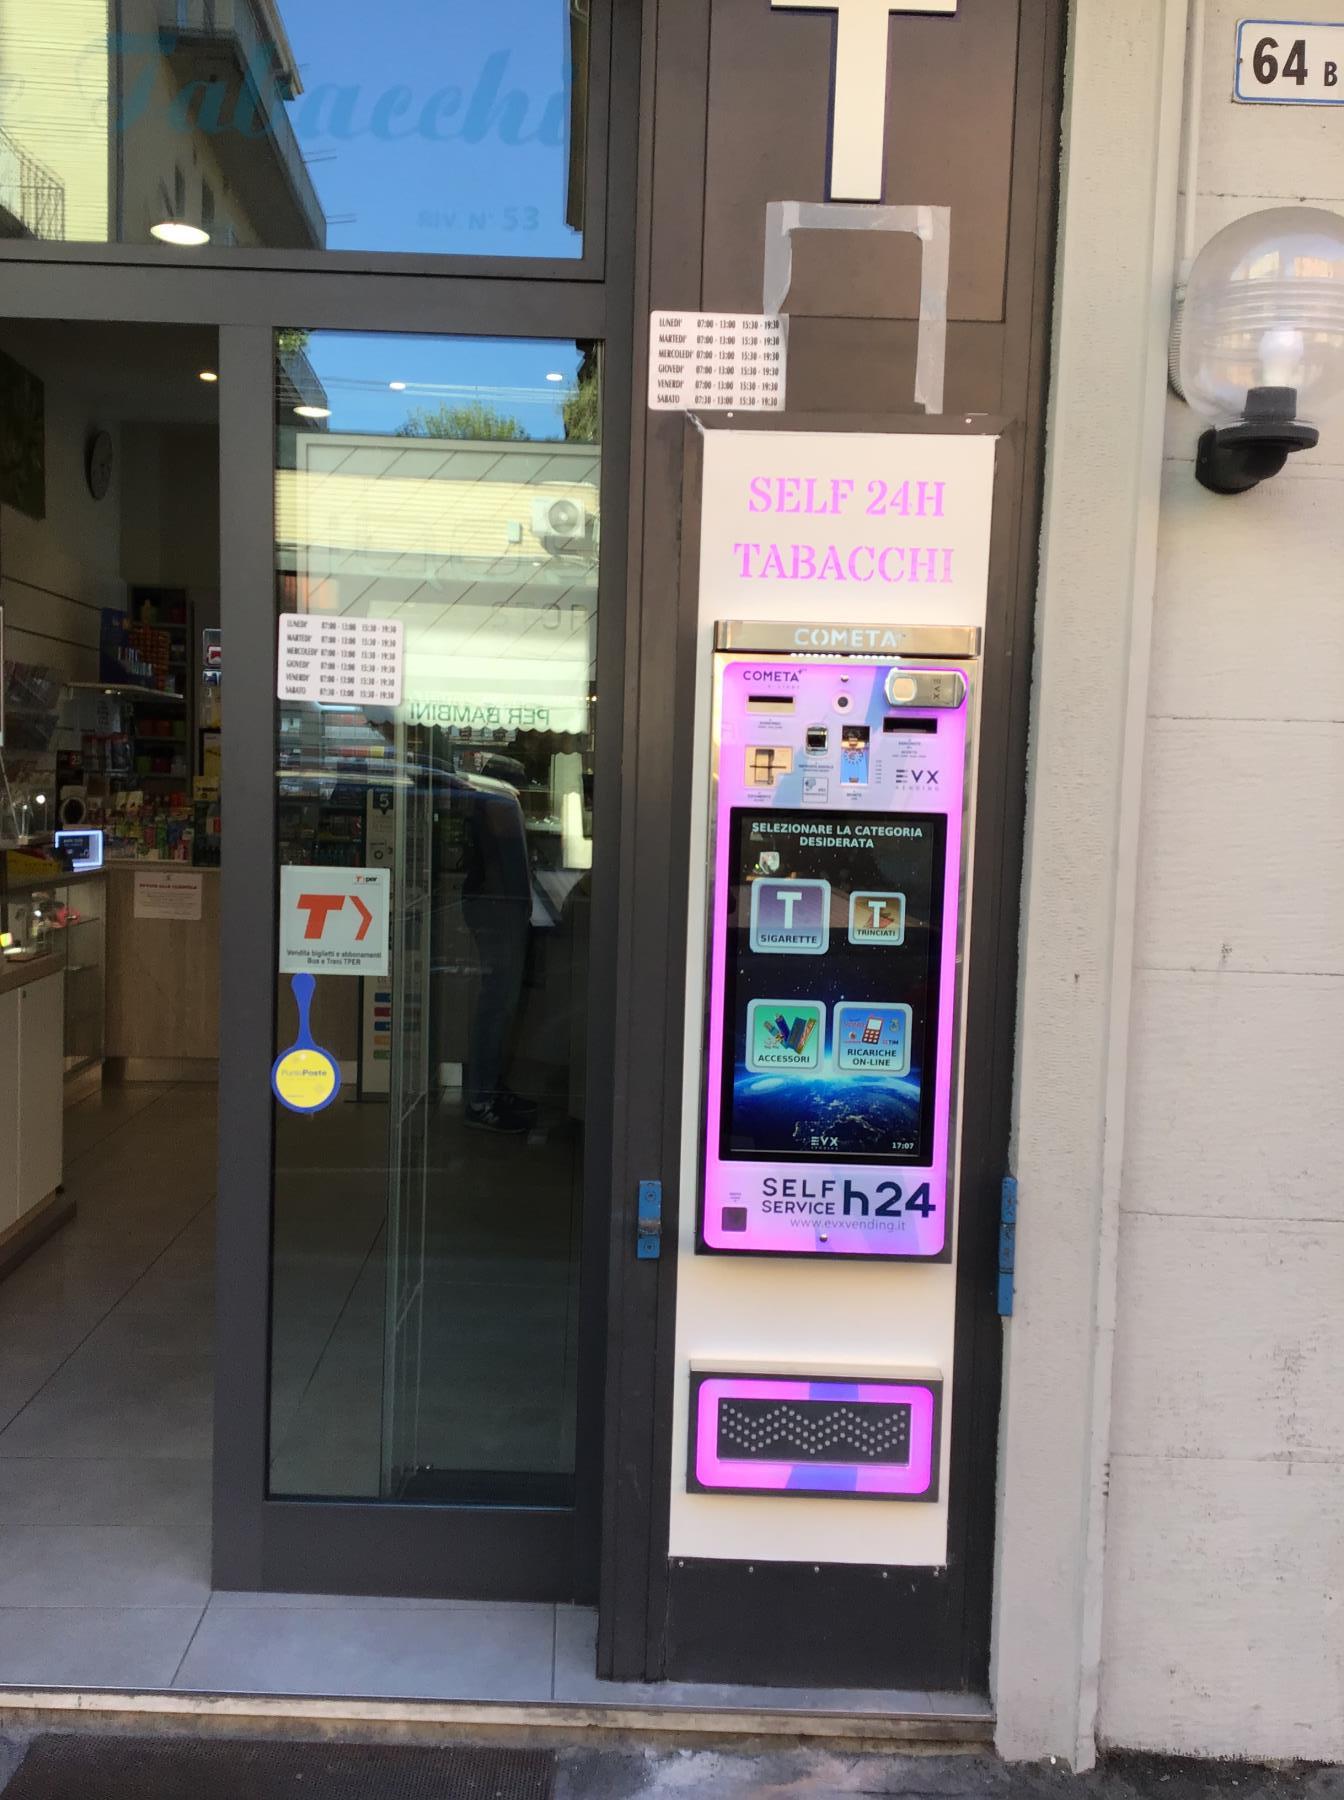 distributore-automatico-sigarette-evx-cometa_+plus (6)